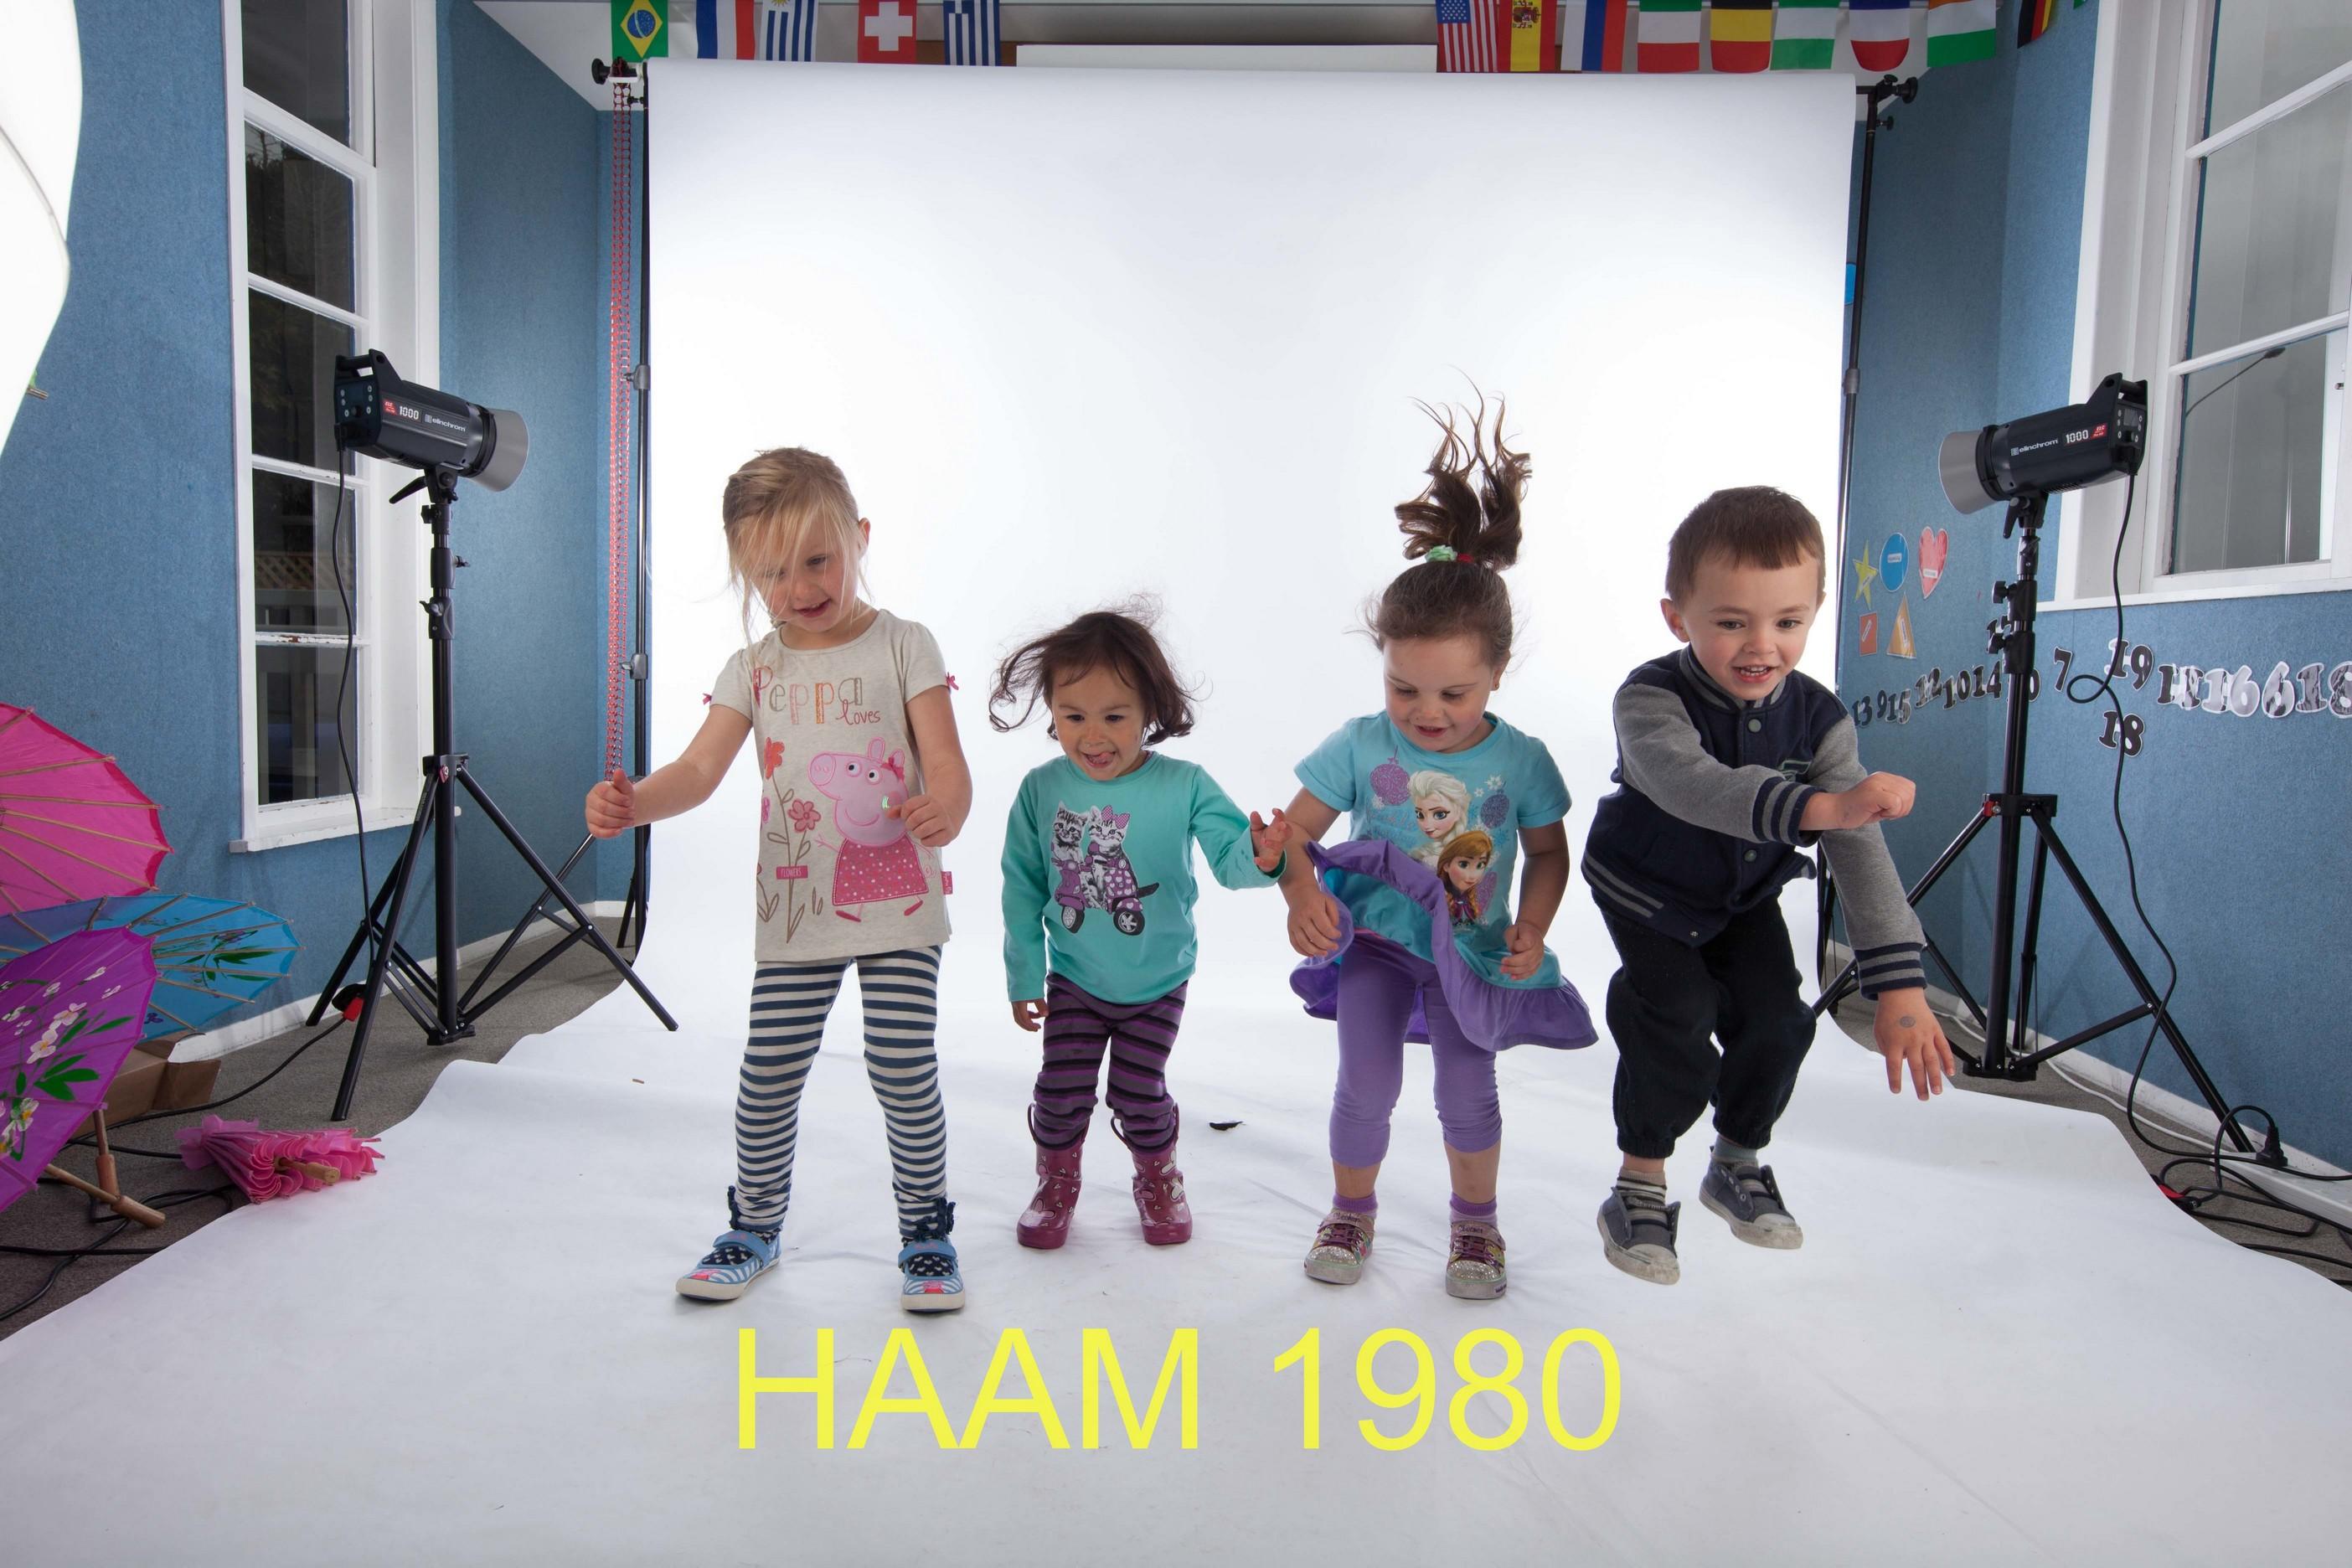 HAAM 1980